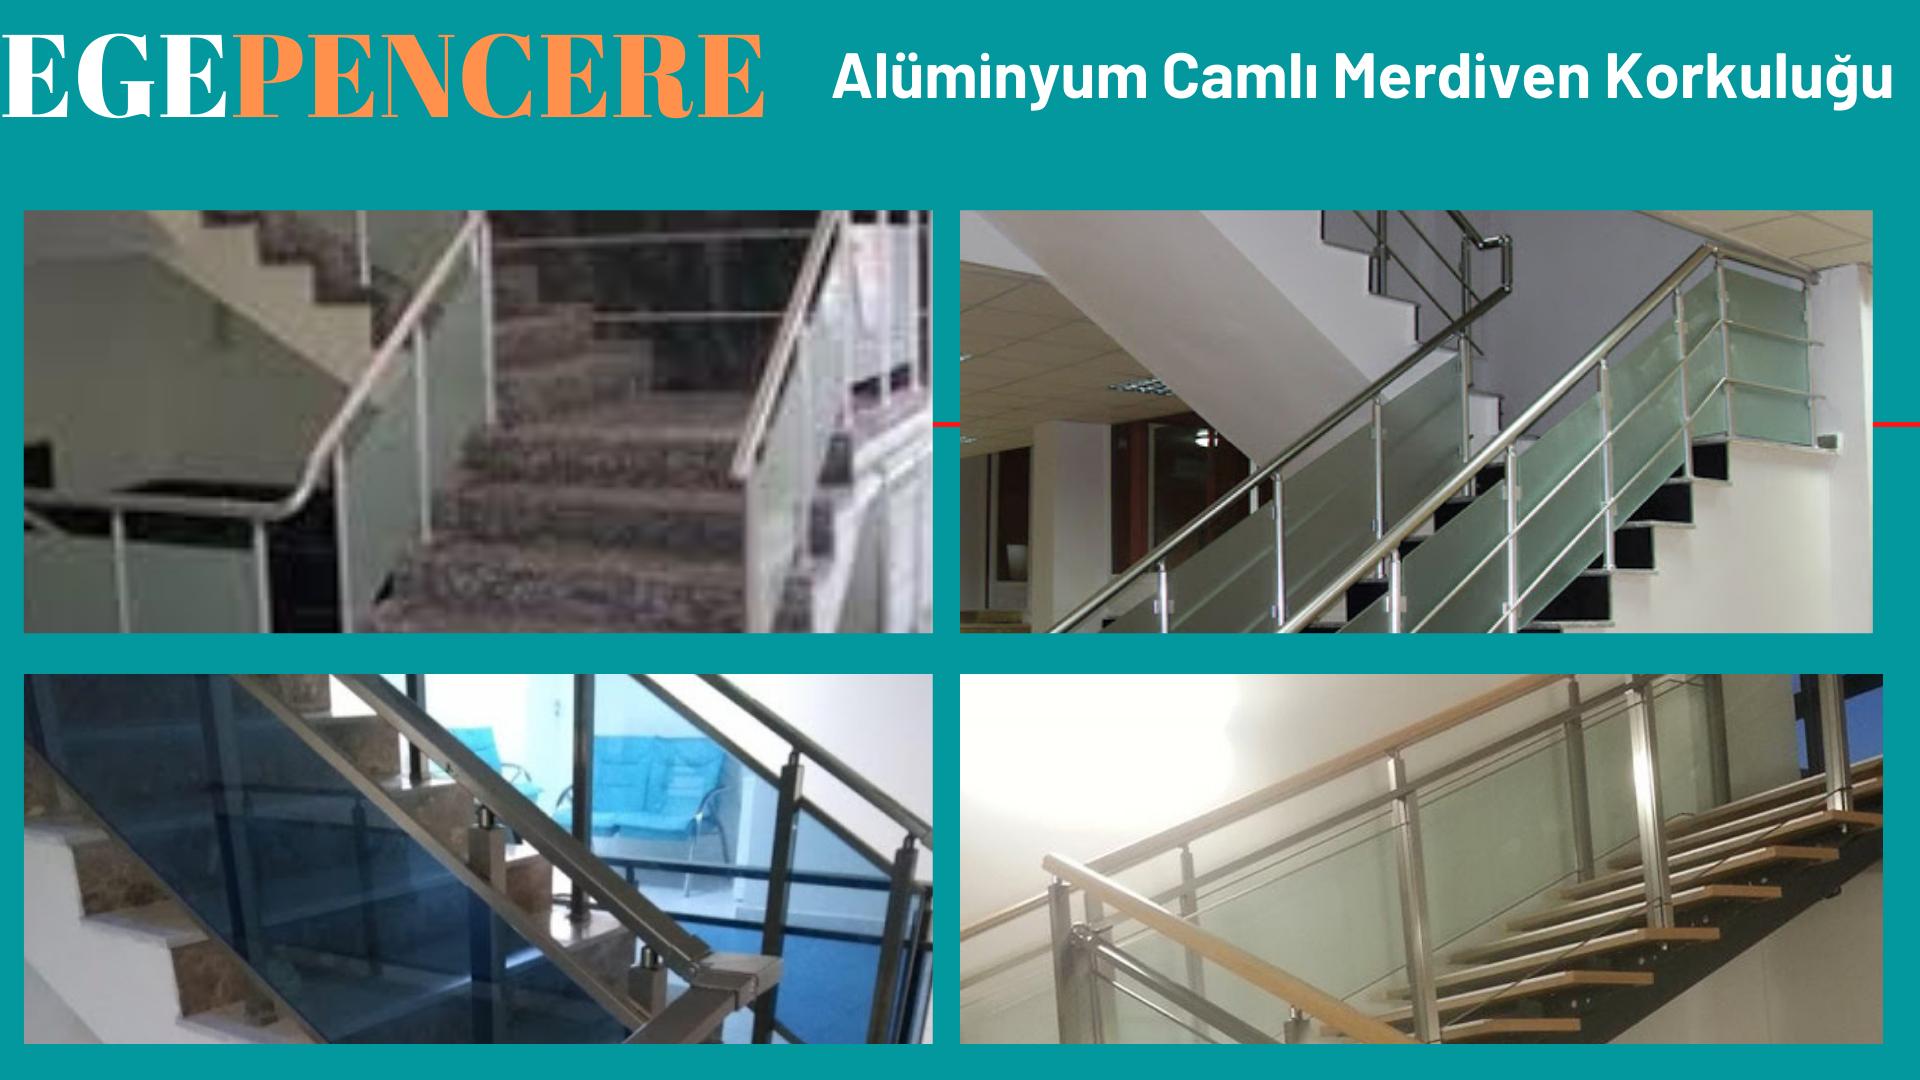 Alüminyum camlı merdiven korkulukları Karaburun